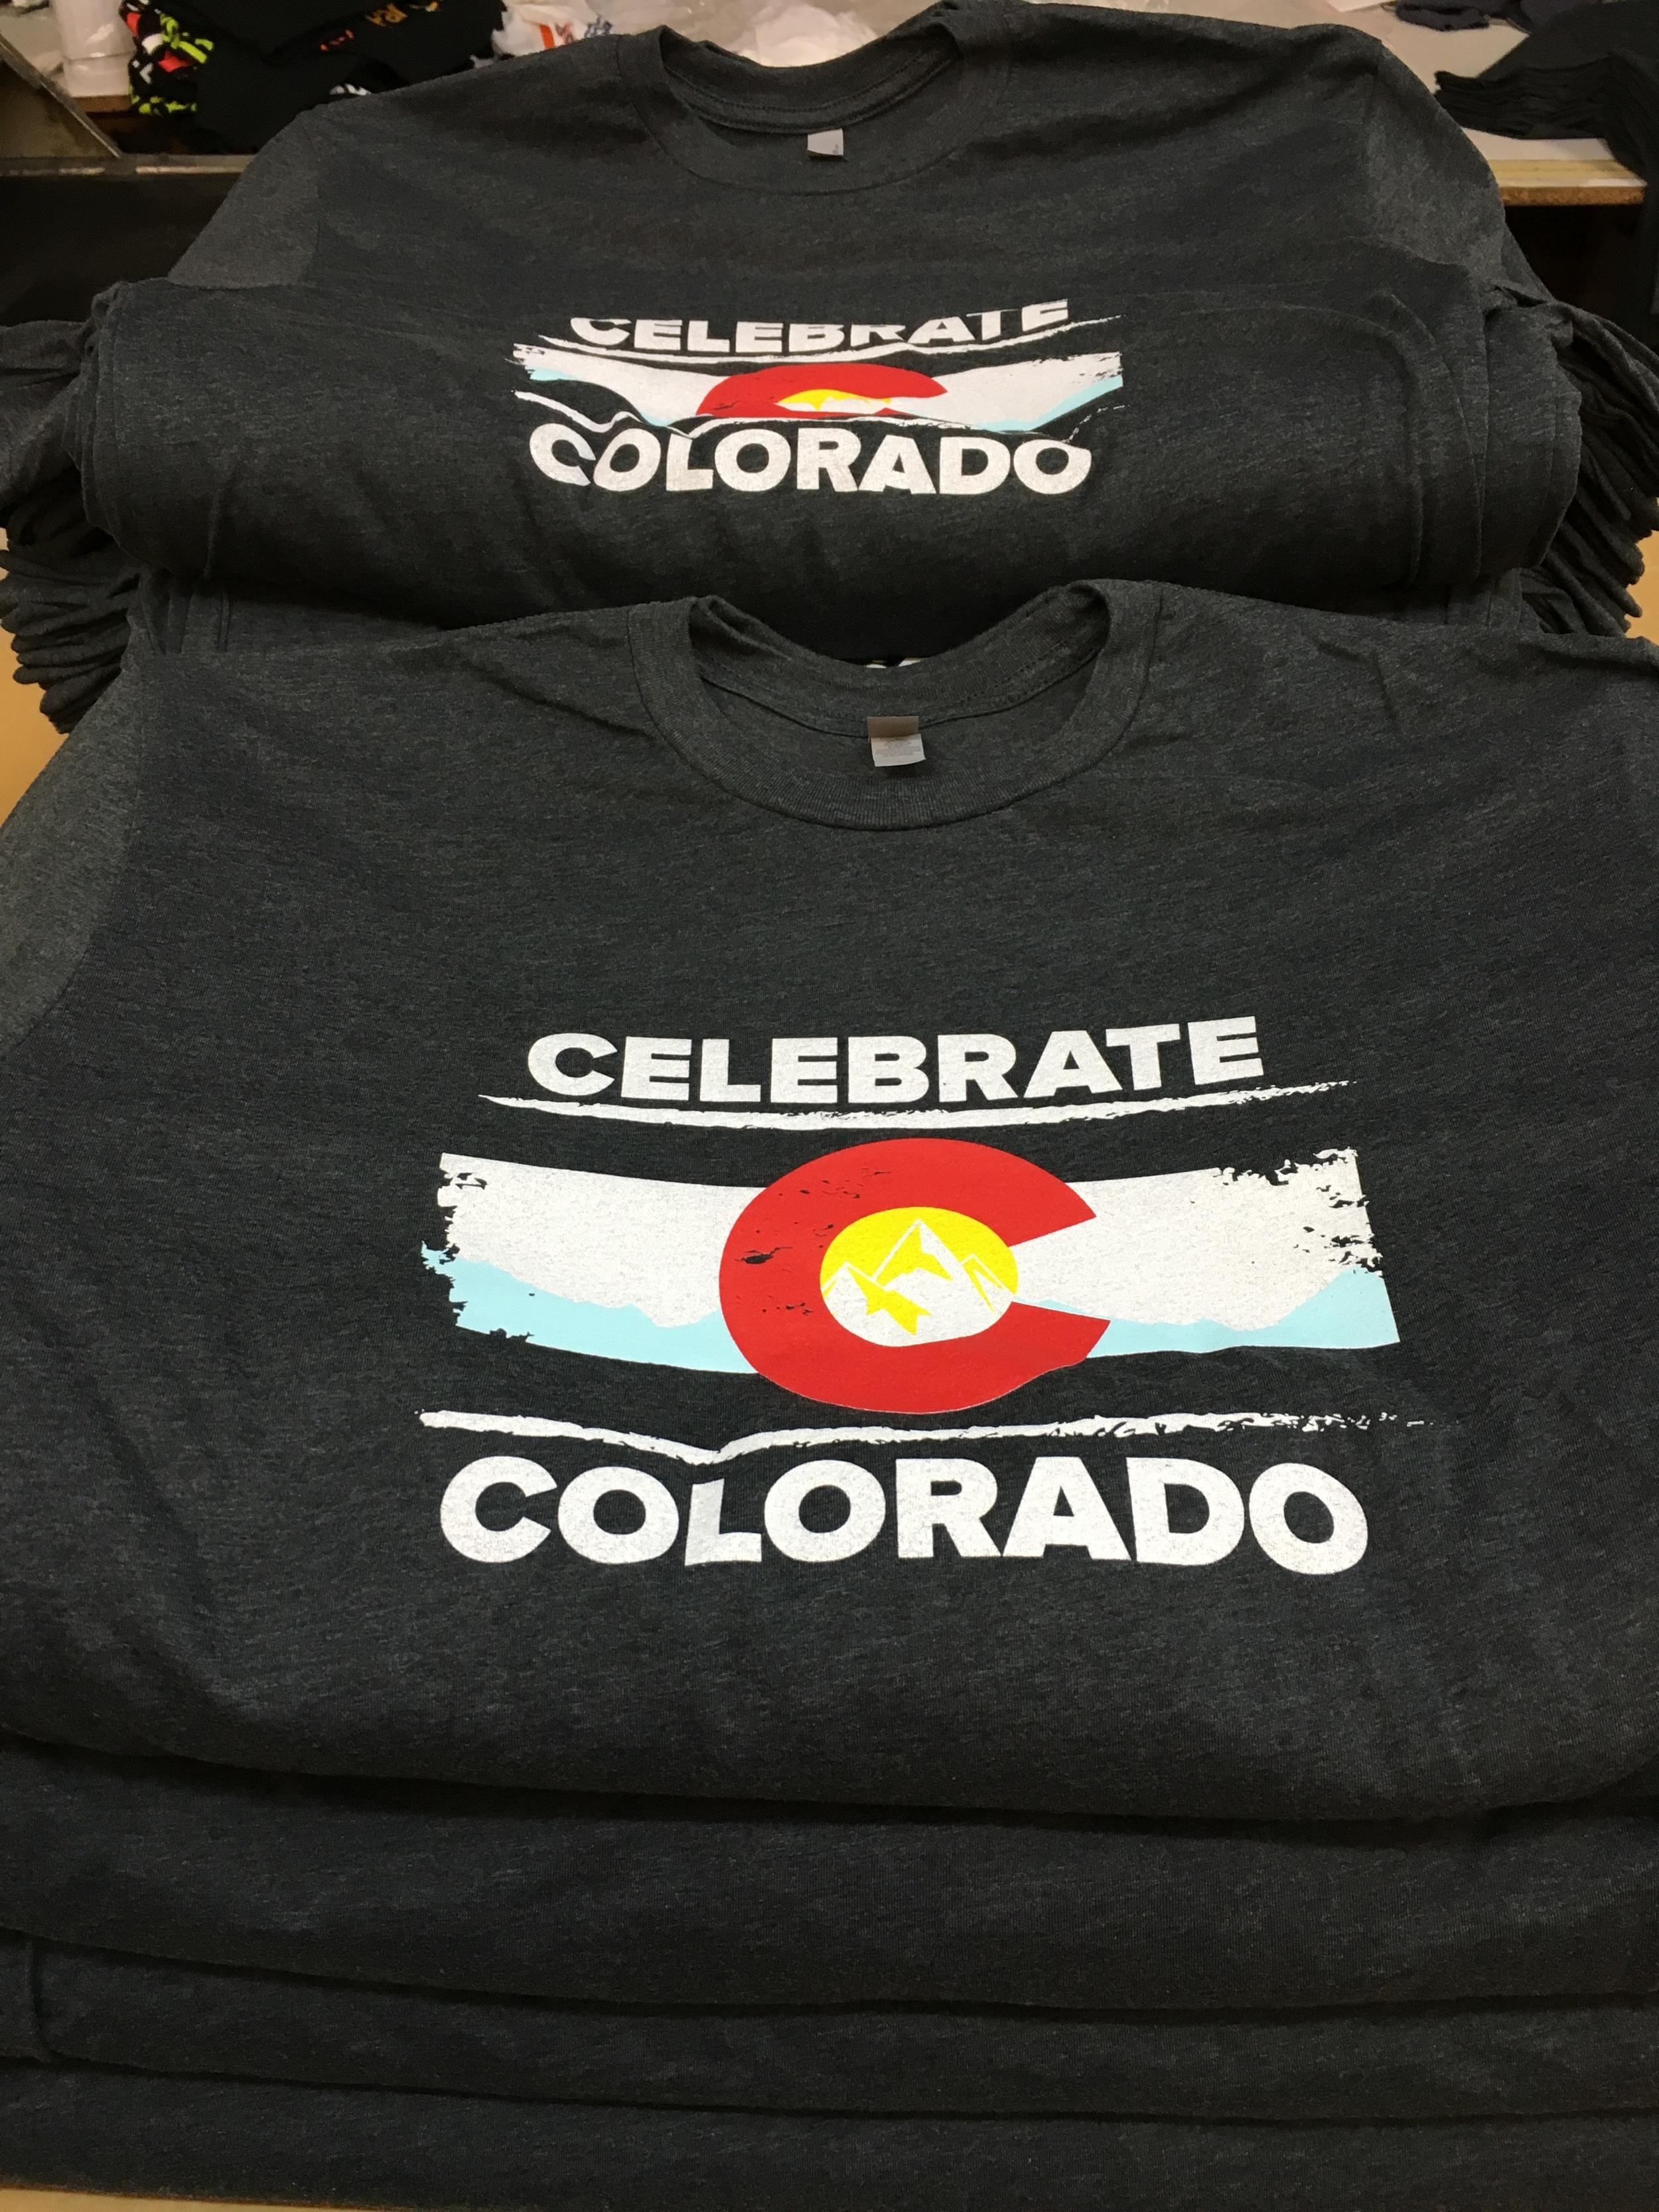 Celebrate Colorado Shirts